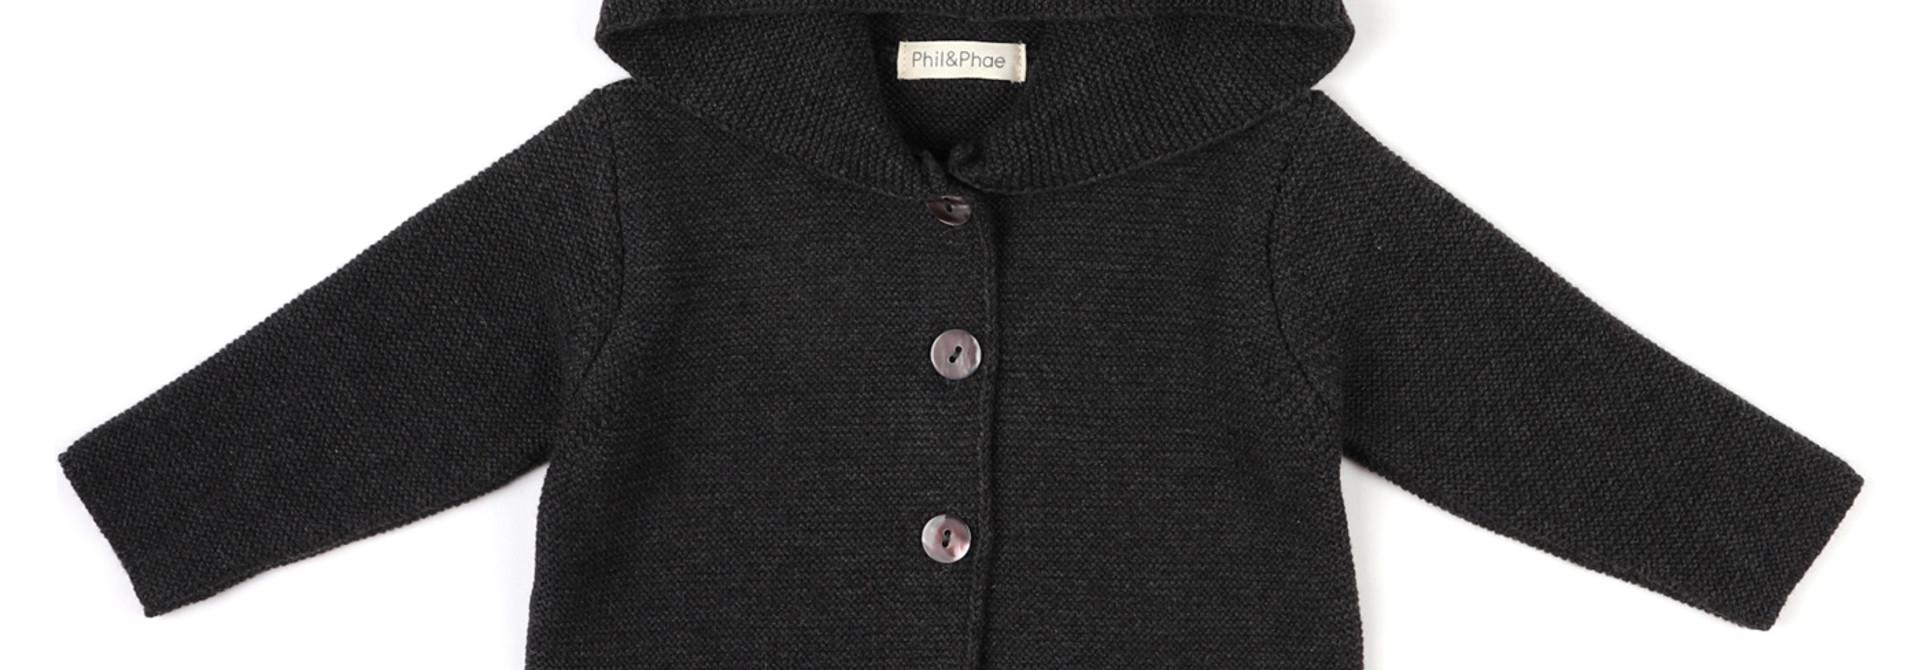 PomPom baby knit cardigan